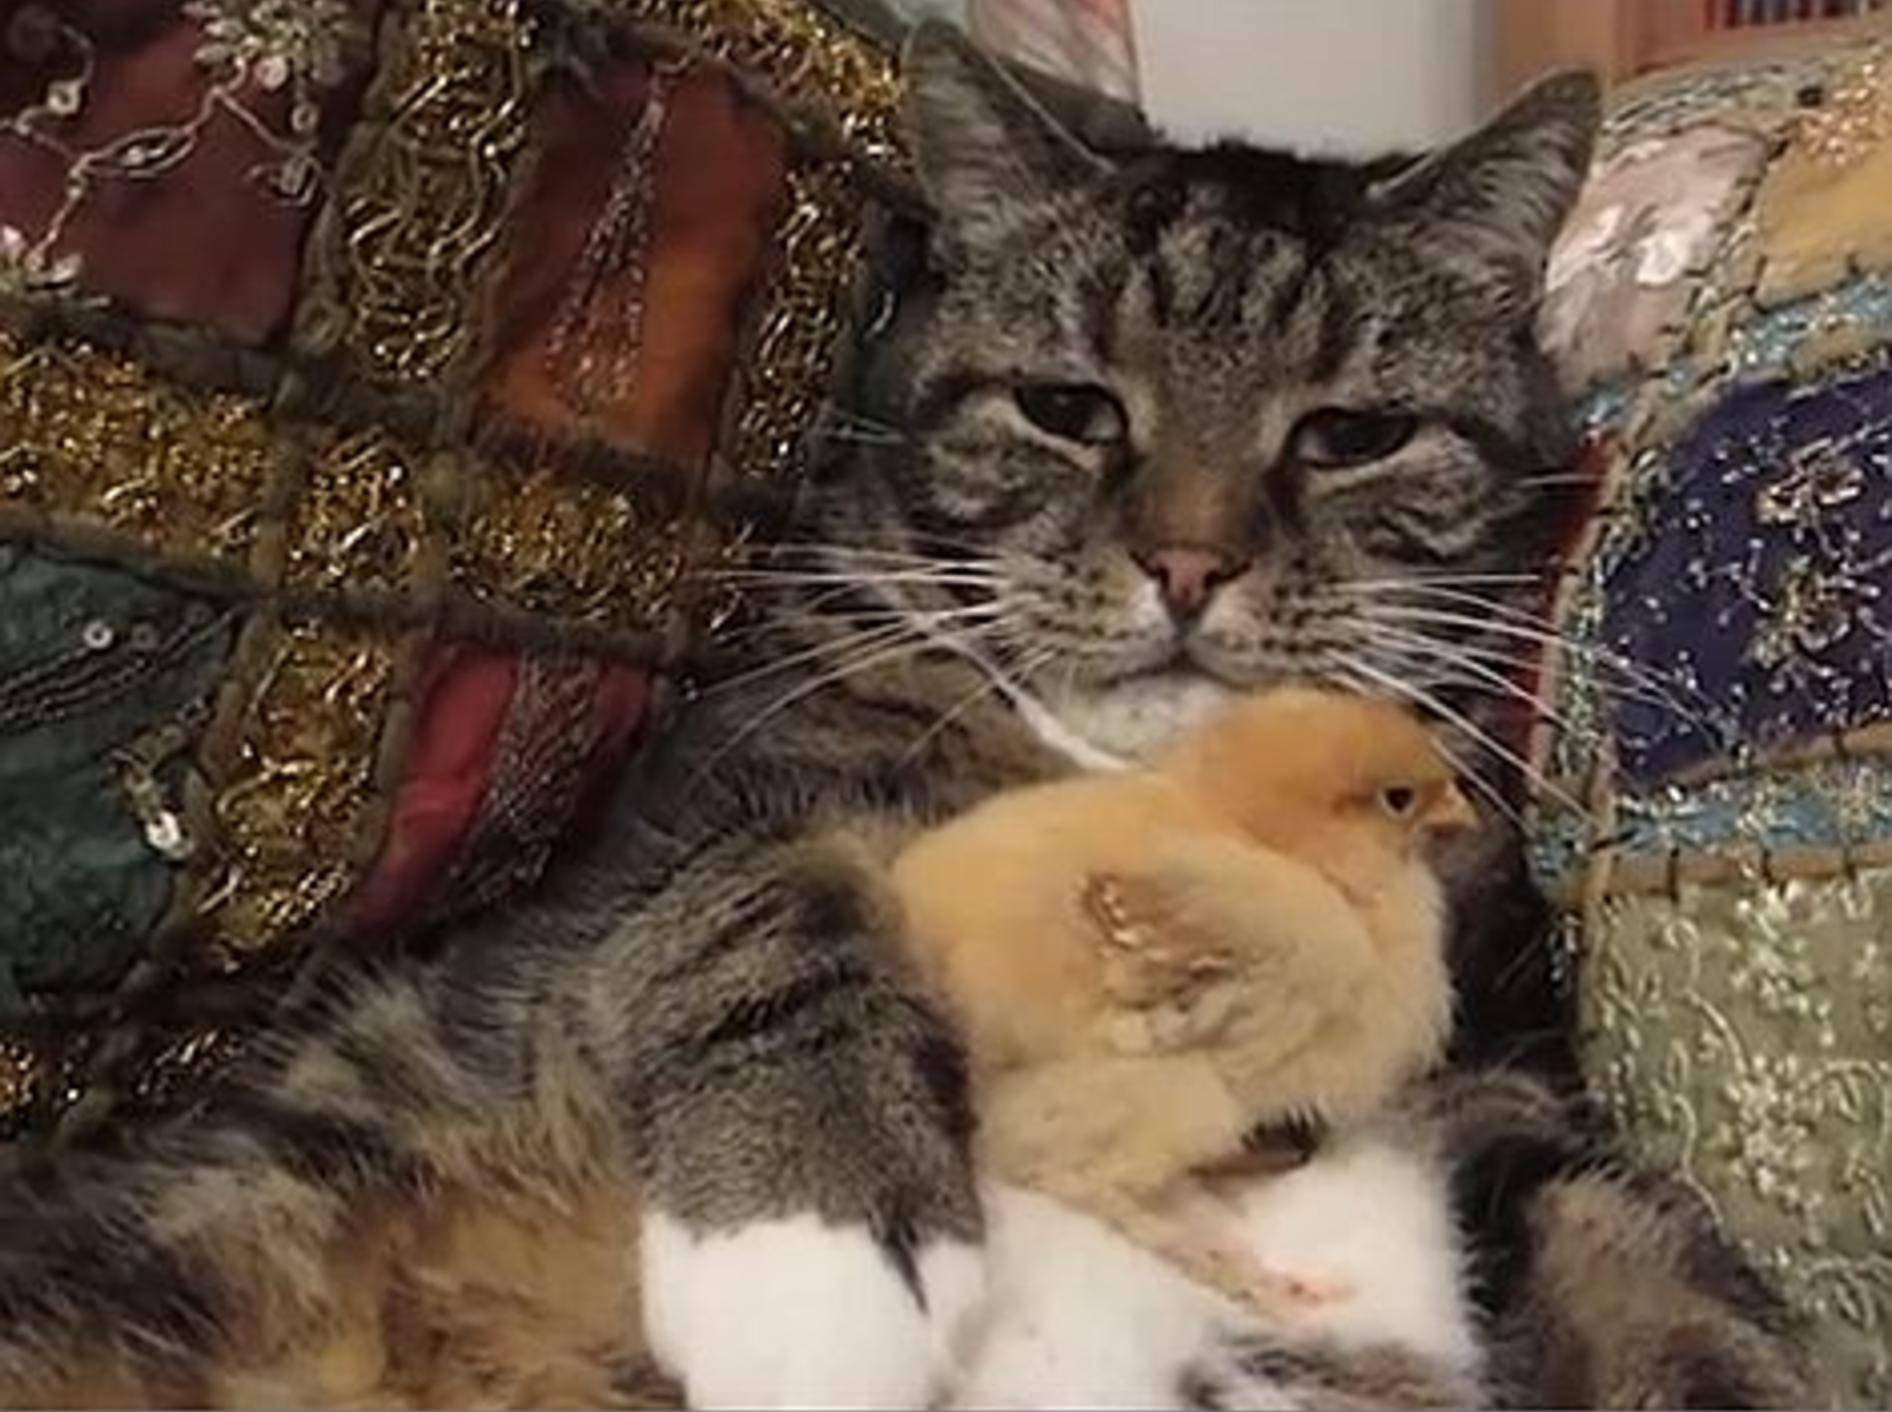 Katze spielt flauschiges Kükensofa – Bild: Youtube / tubbytubbytubtubs